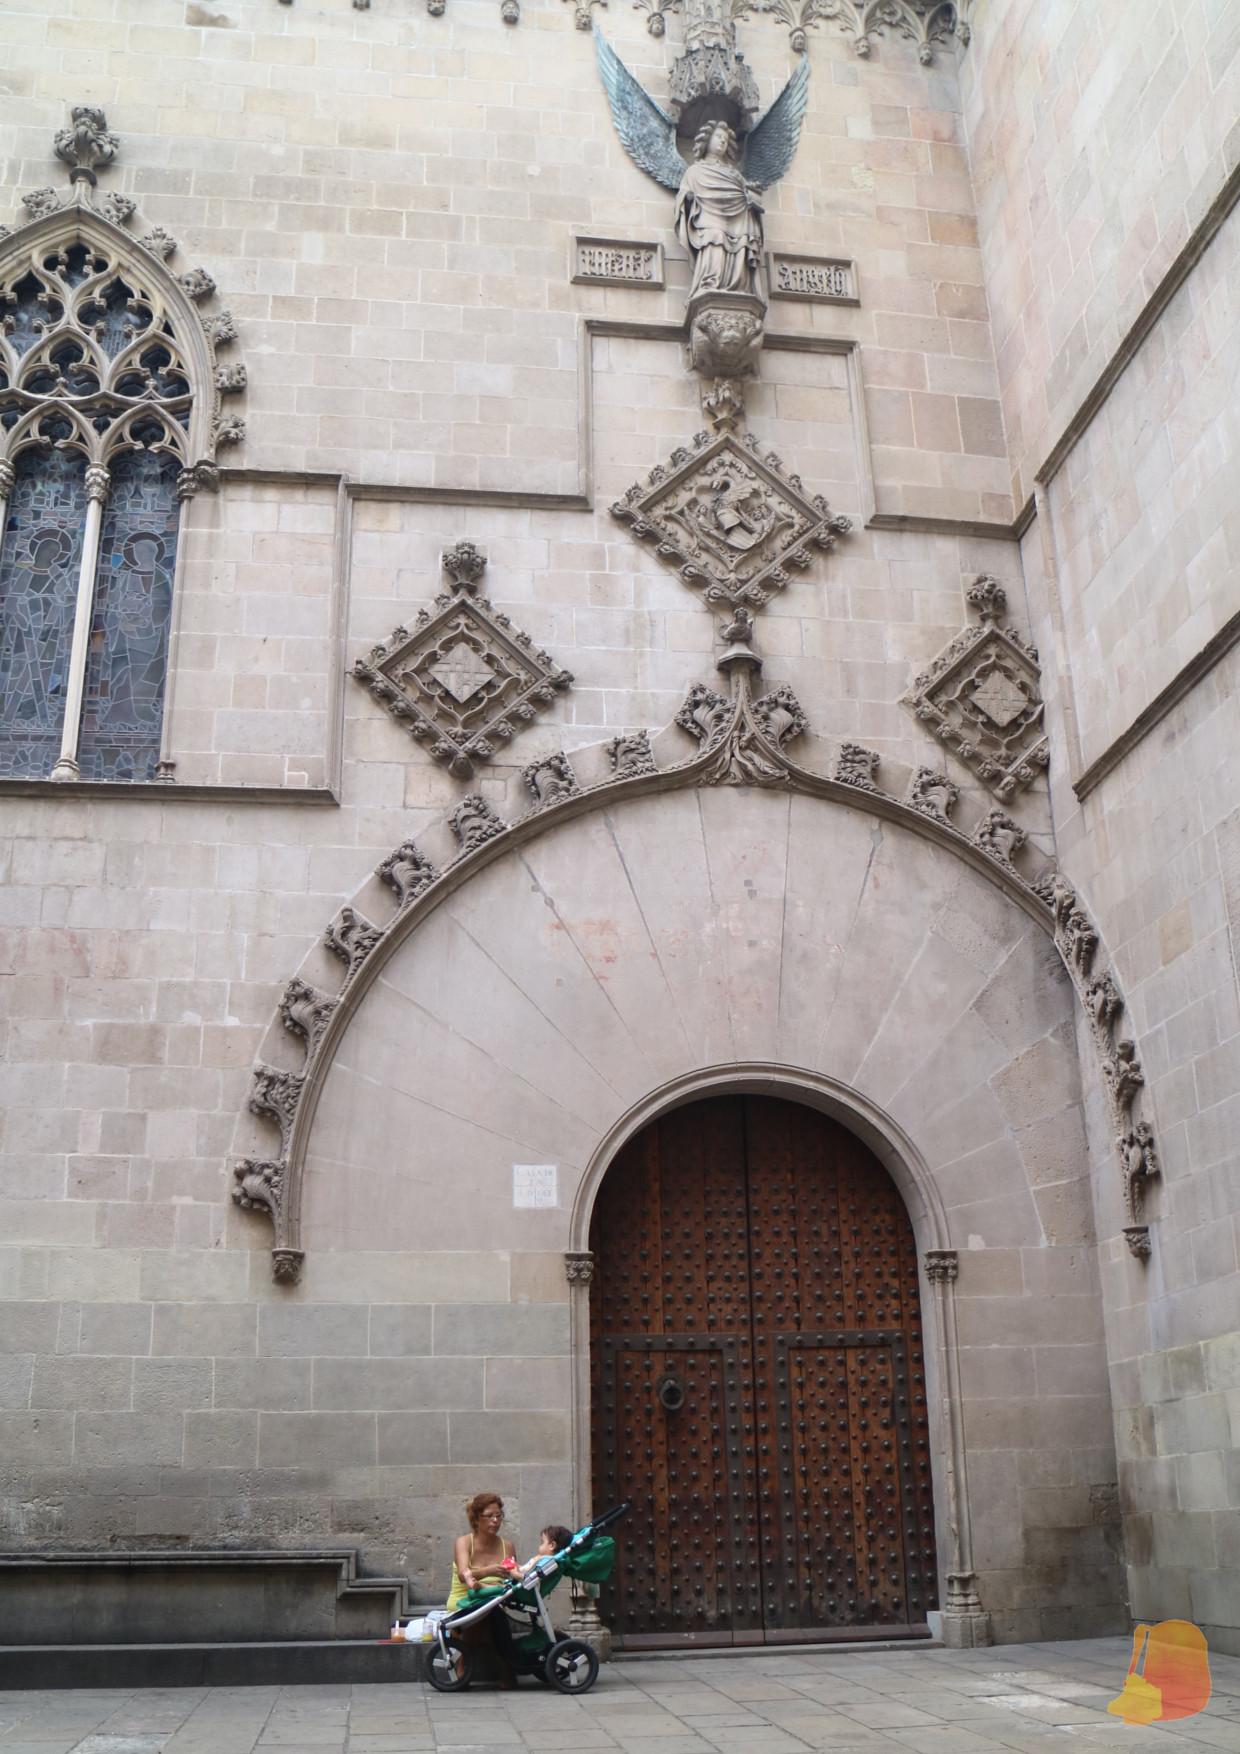 Antigua fachada del ayuntamiento con la decoración cortada por la nueva fachada